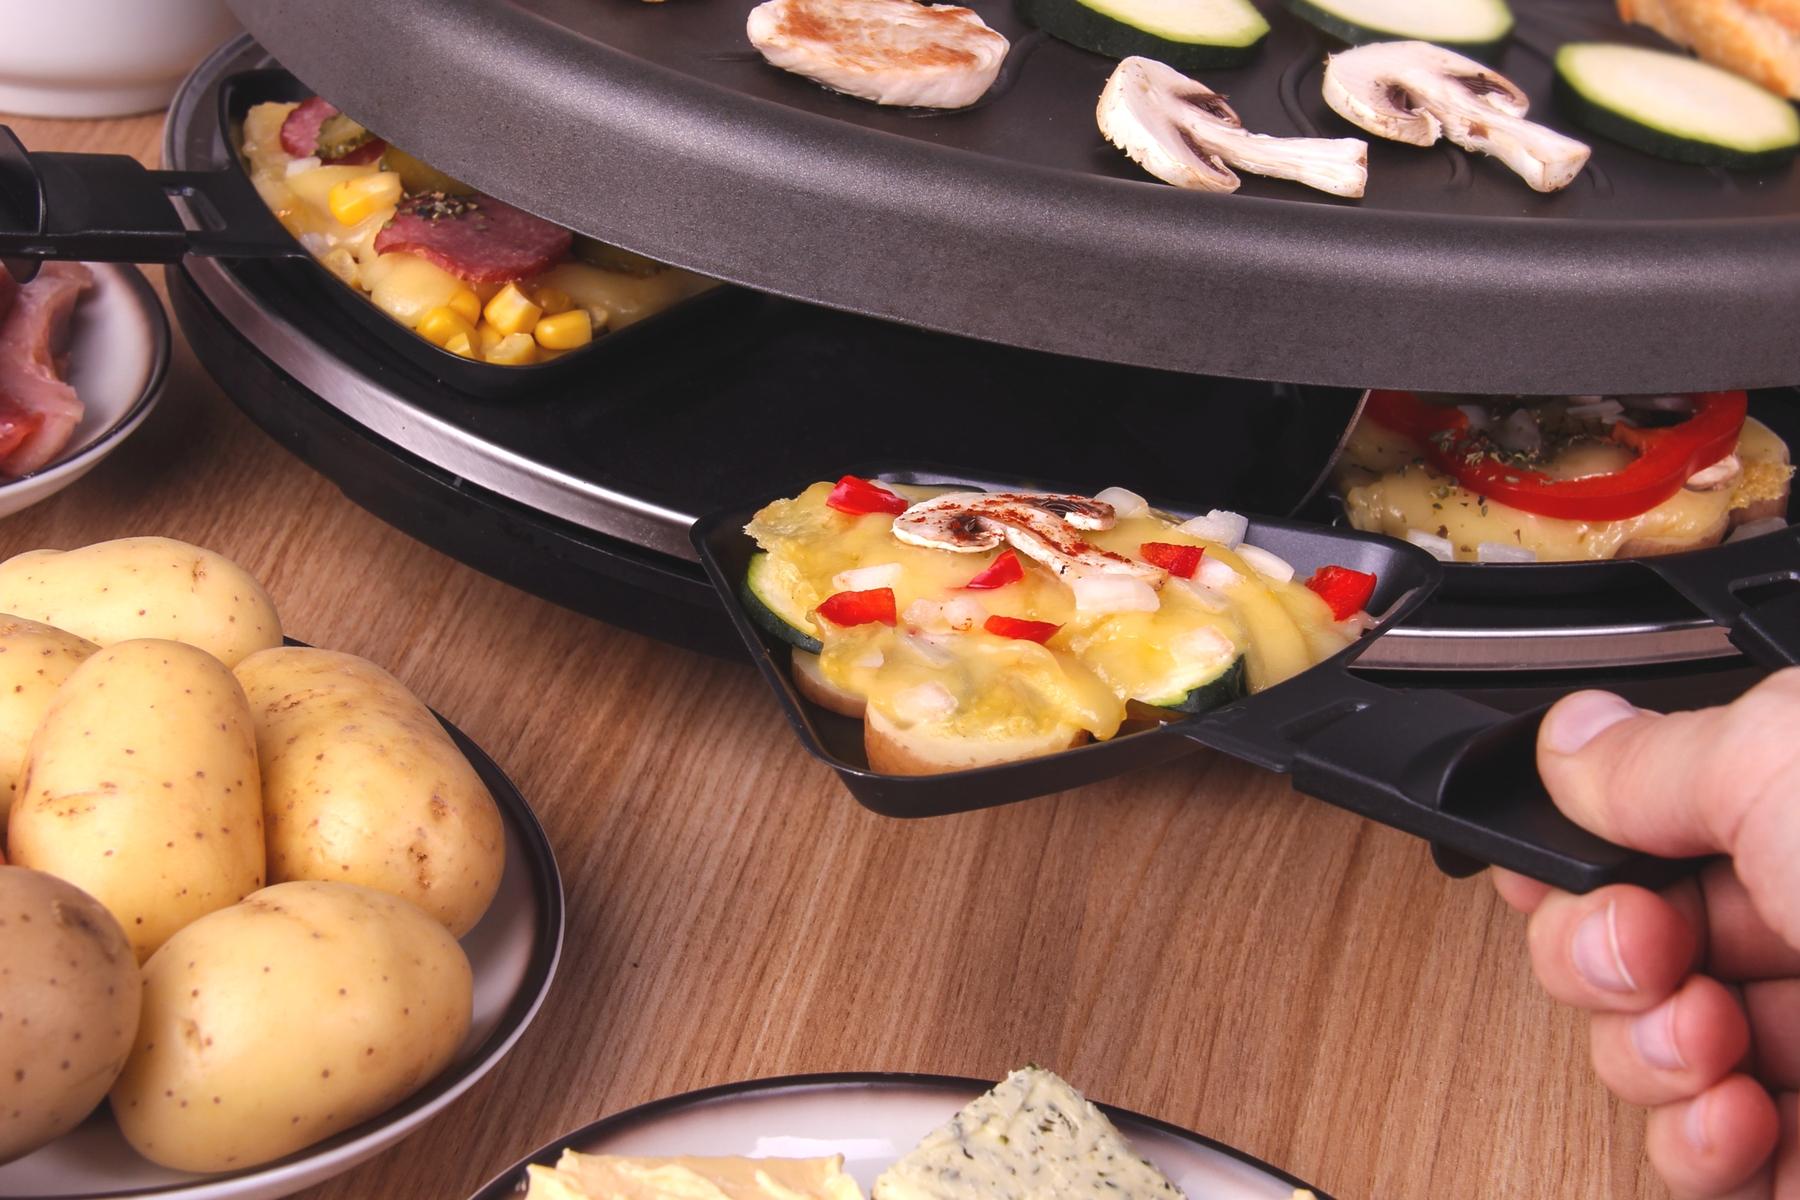 Wmf Elektrogrill Media Markt : Raclette test testsieger 2018 u2013 vergleich & kaufratgeber